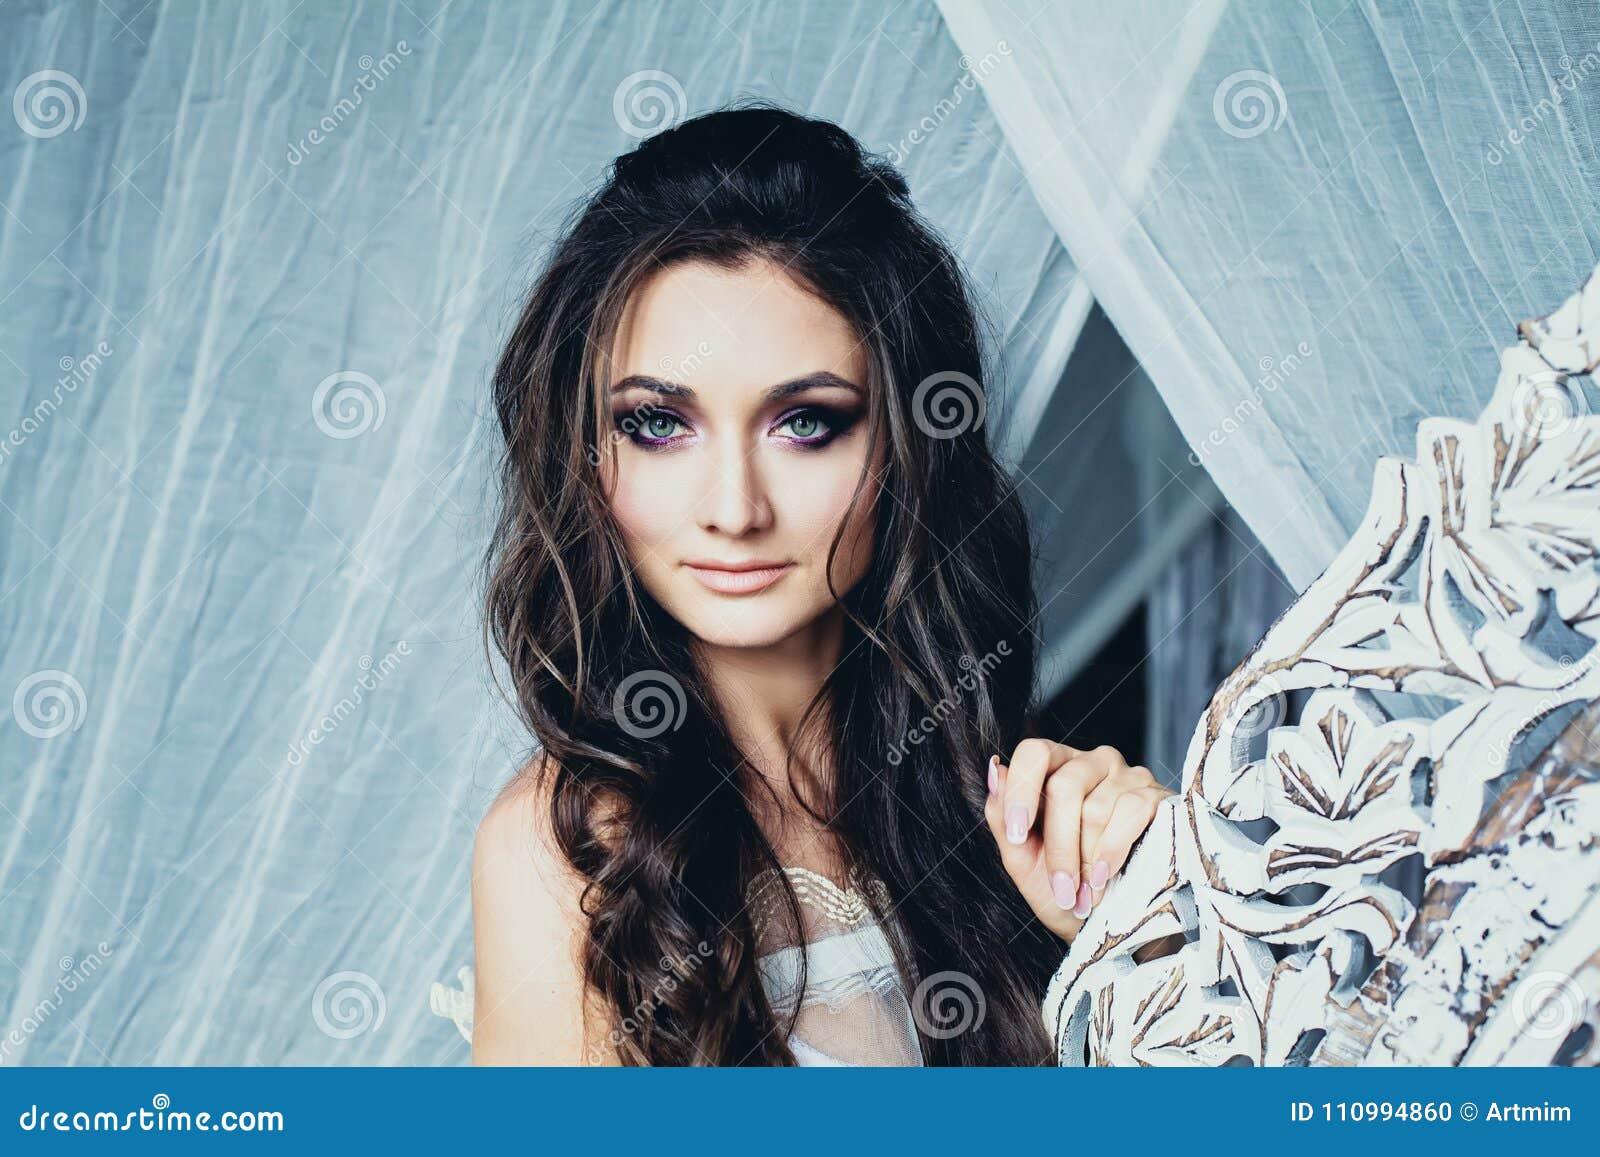 Perfekte Junge Frau Mit Gewellter Frisur Und Braut Bilden Stockfoto